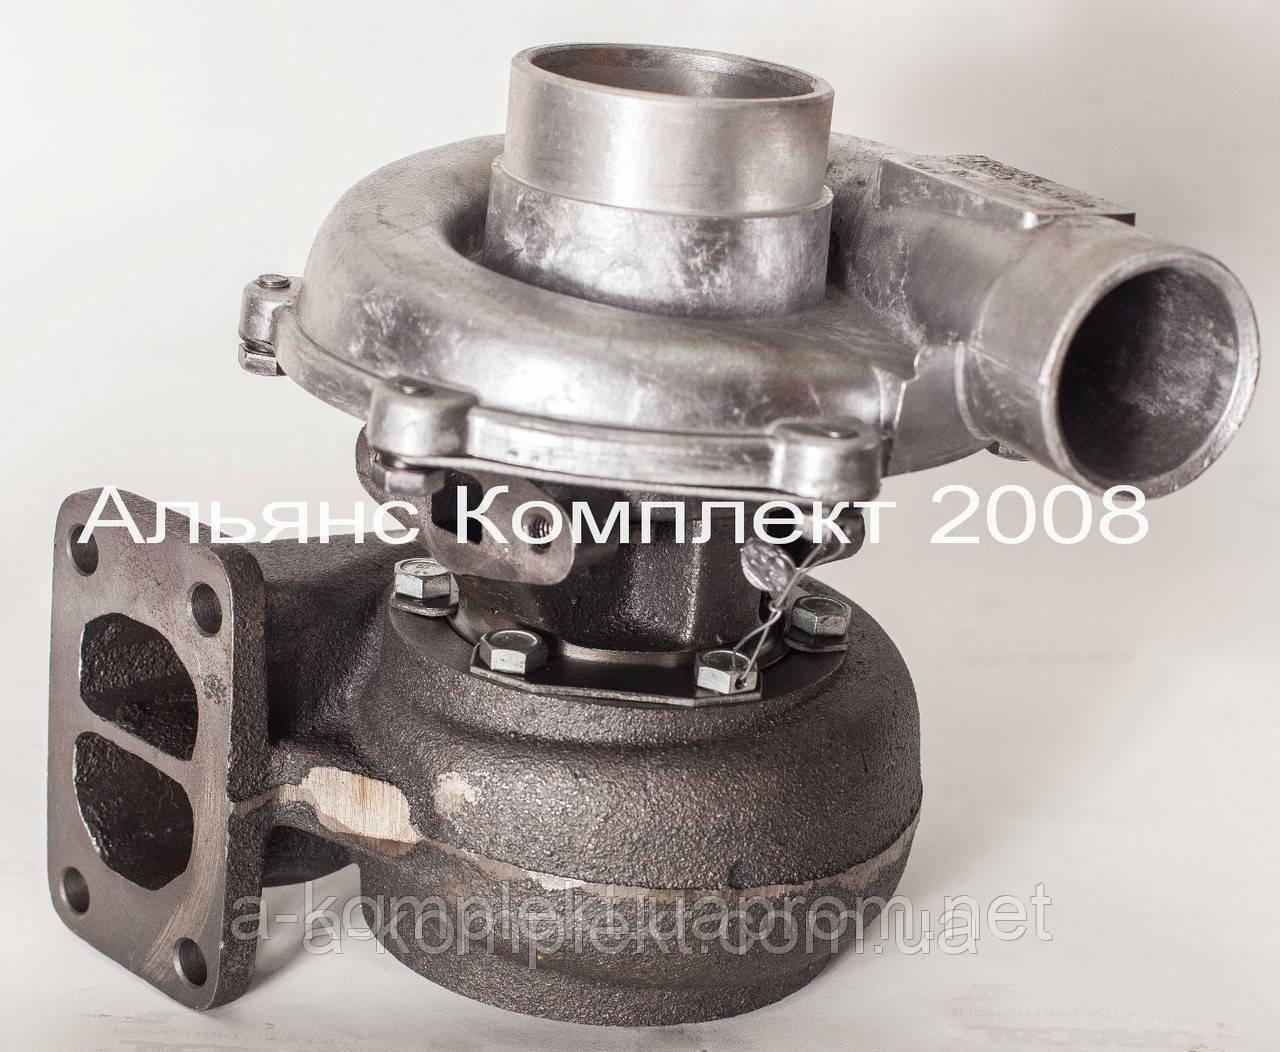 Турбокомпрессор ТКР 7 ТТ-01.1 (ТКР 7 ТТ 01.1А) (700-1118010-01)